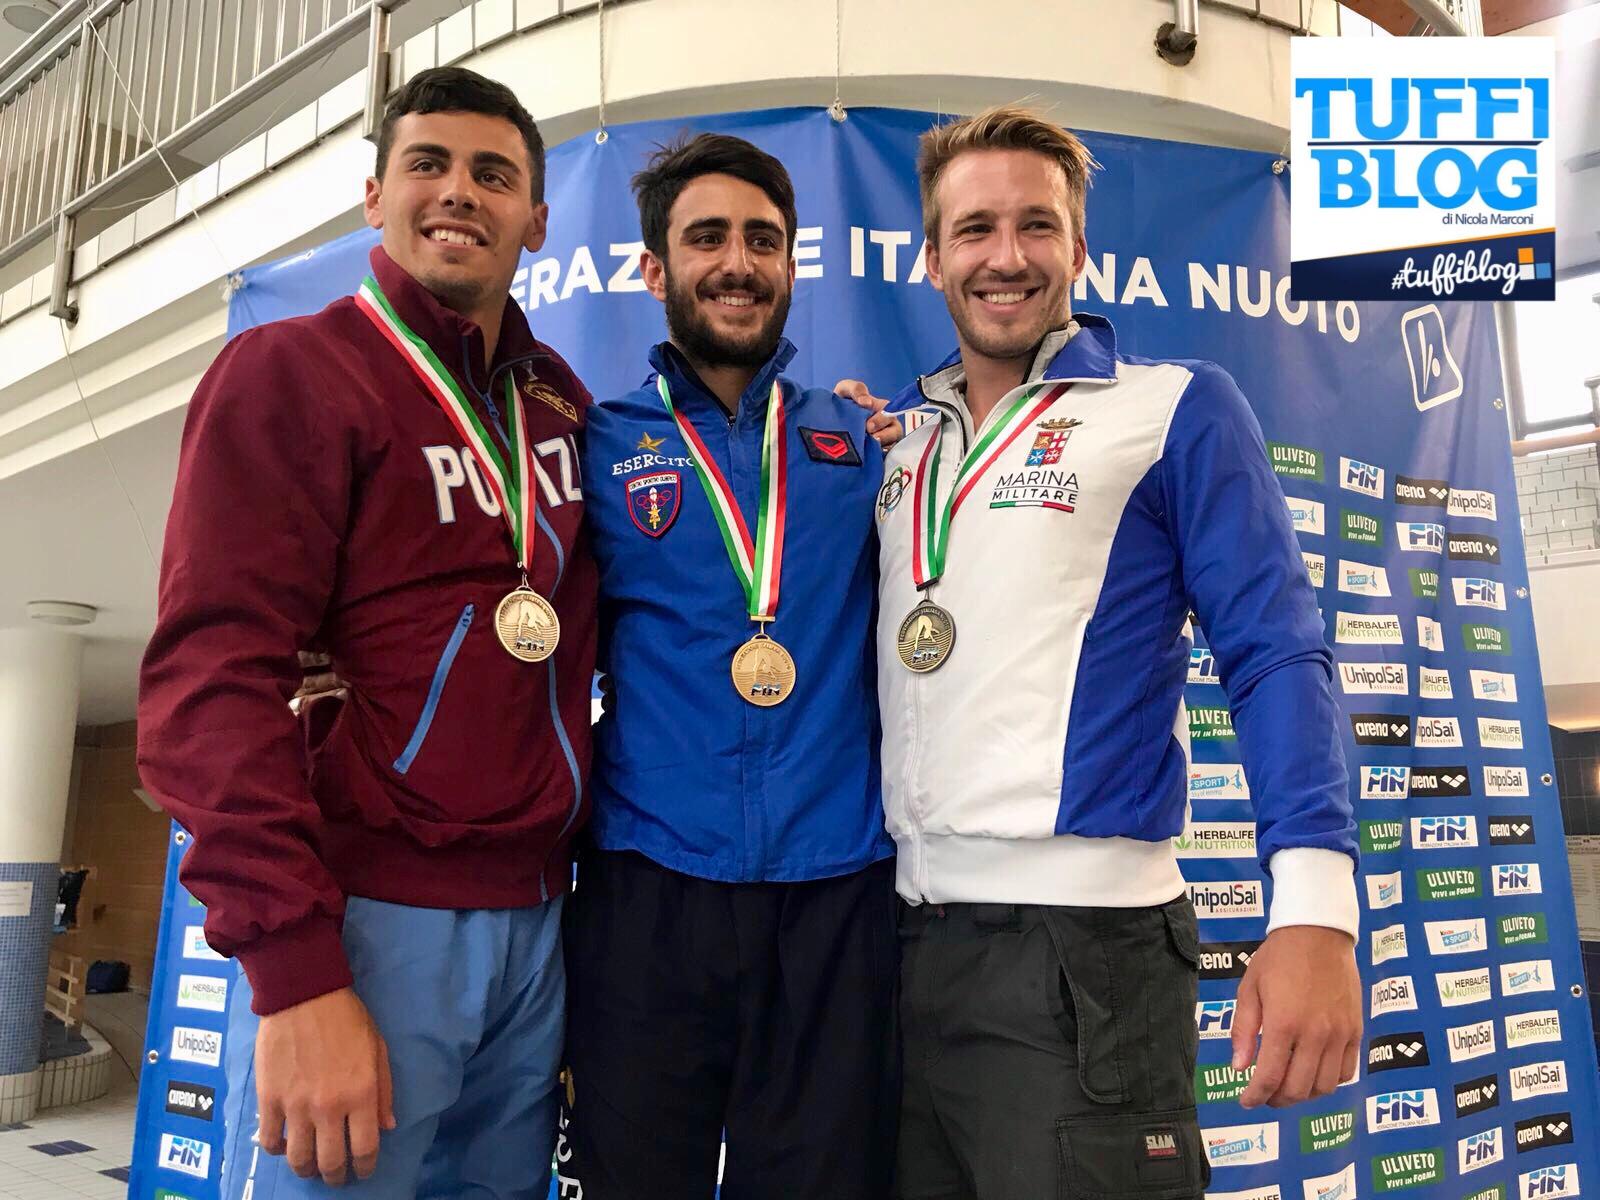 Assoluti Estivi: Bolzano – A Tocci, Batki e Pellacani-Bertocchi i primi titoli italiani